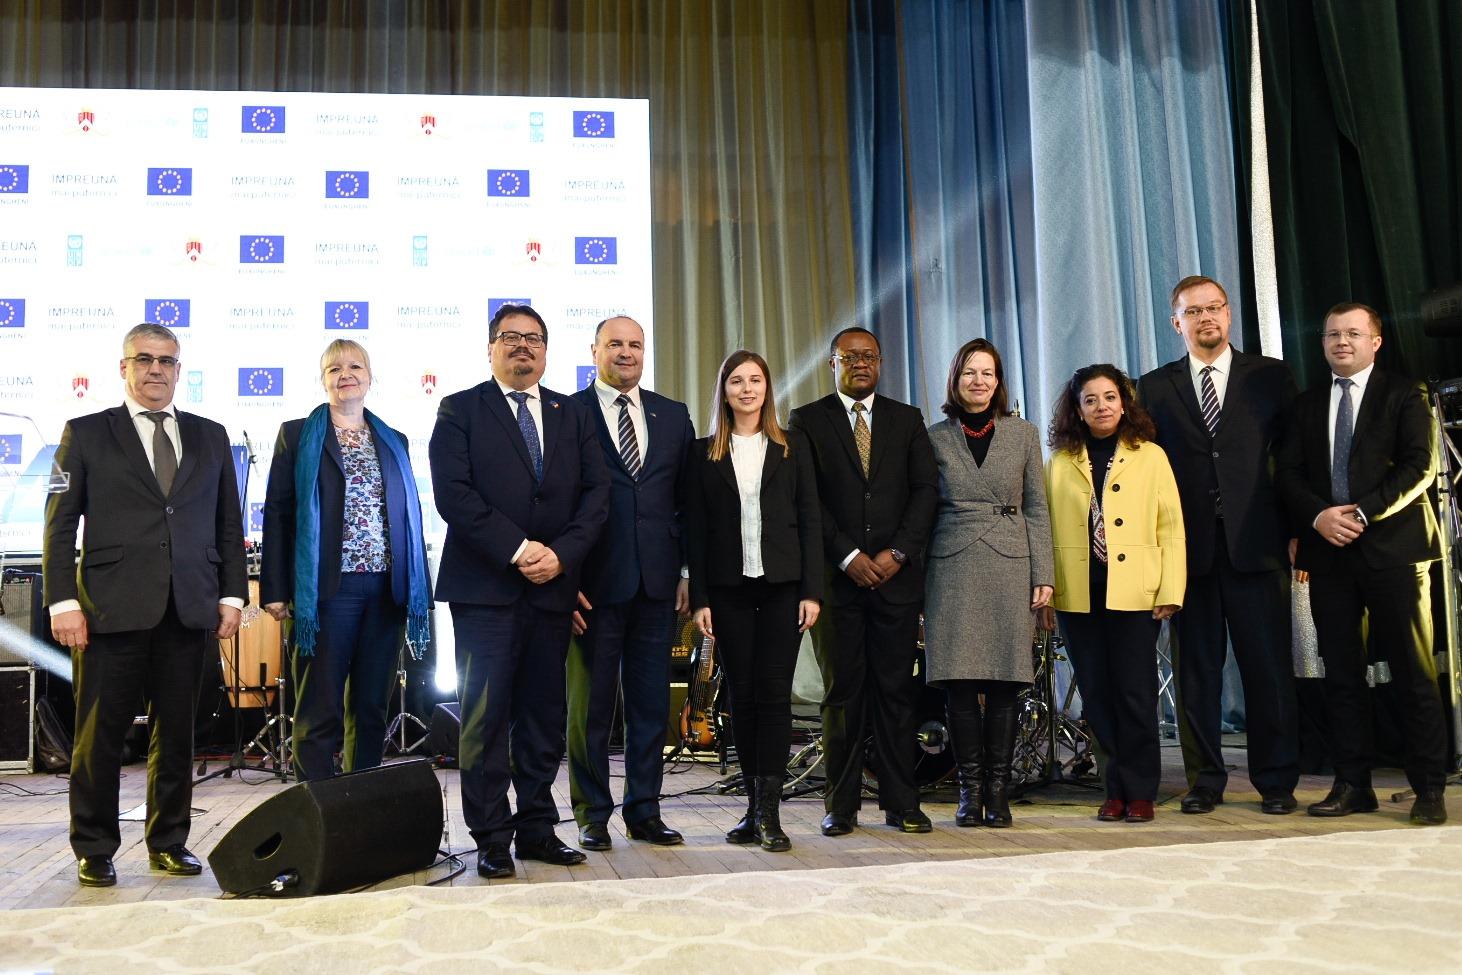 Европейский союз инвестирует 23 миллиона евро в развитие Кагульского и Унгенского районов